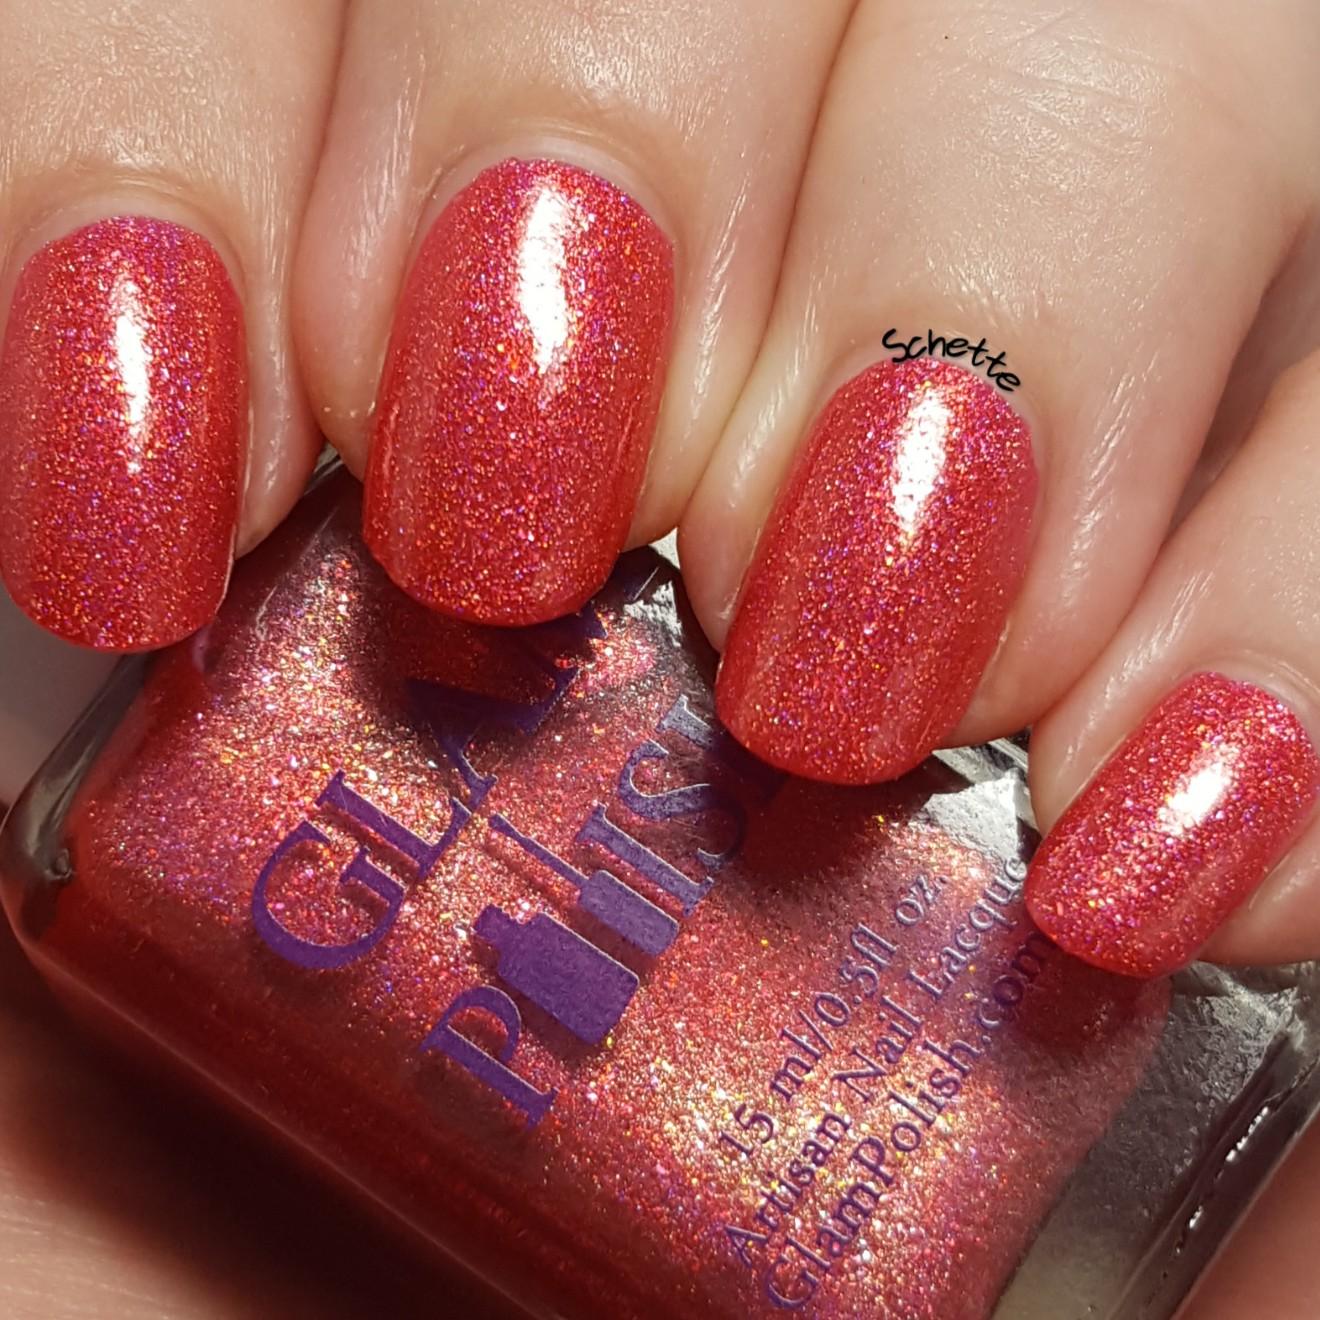 Glam Polish - Don't make me blush